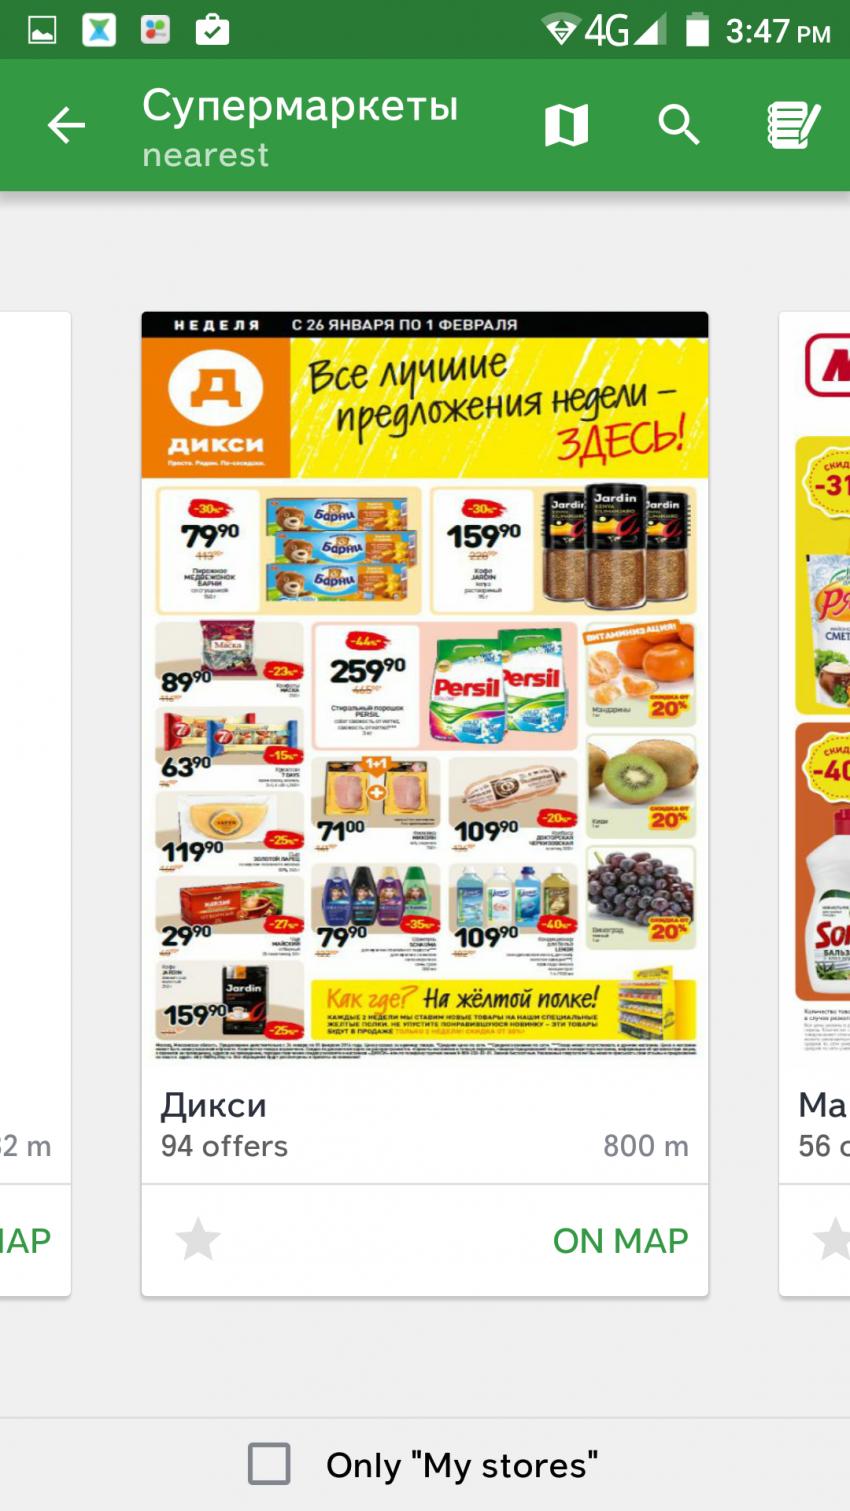 Программу скидок в супермаркетах